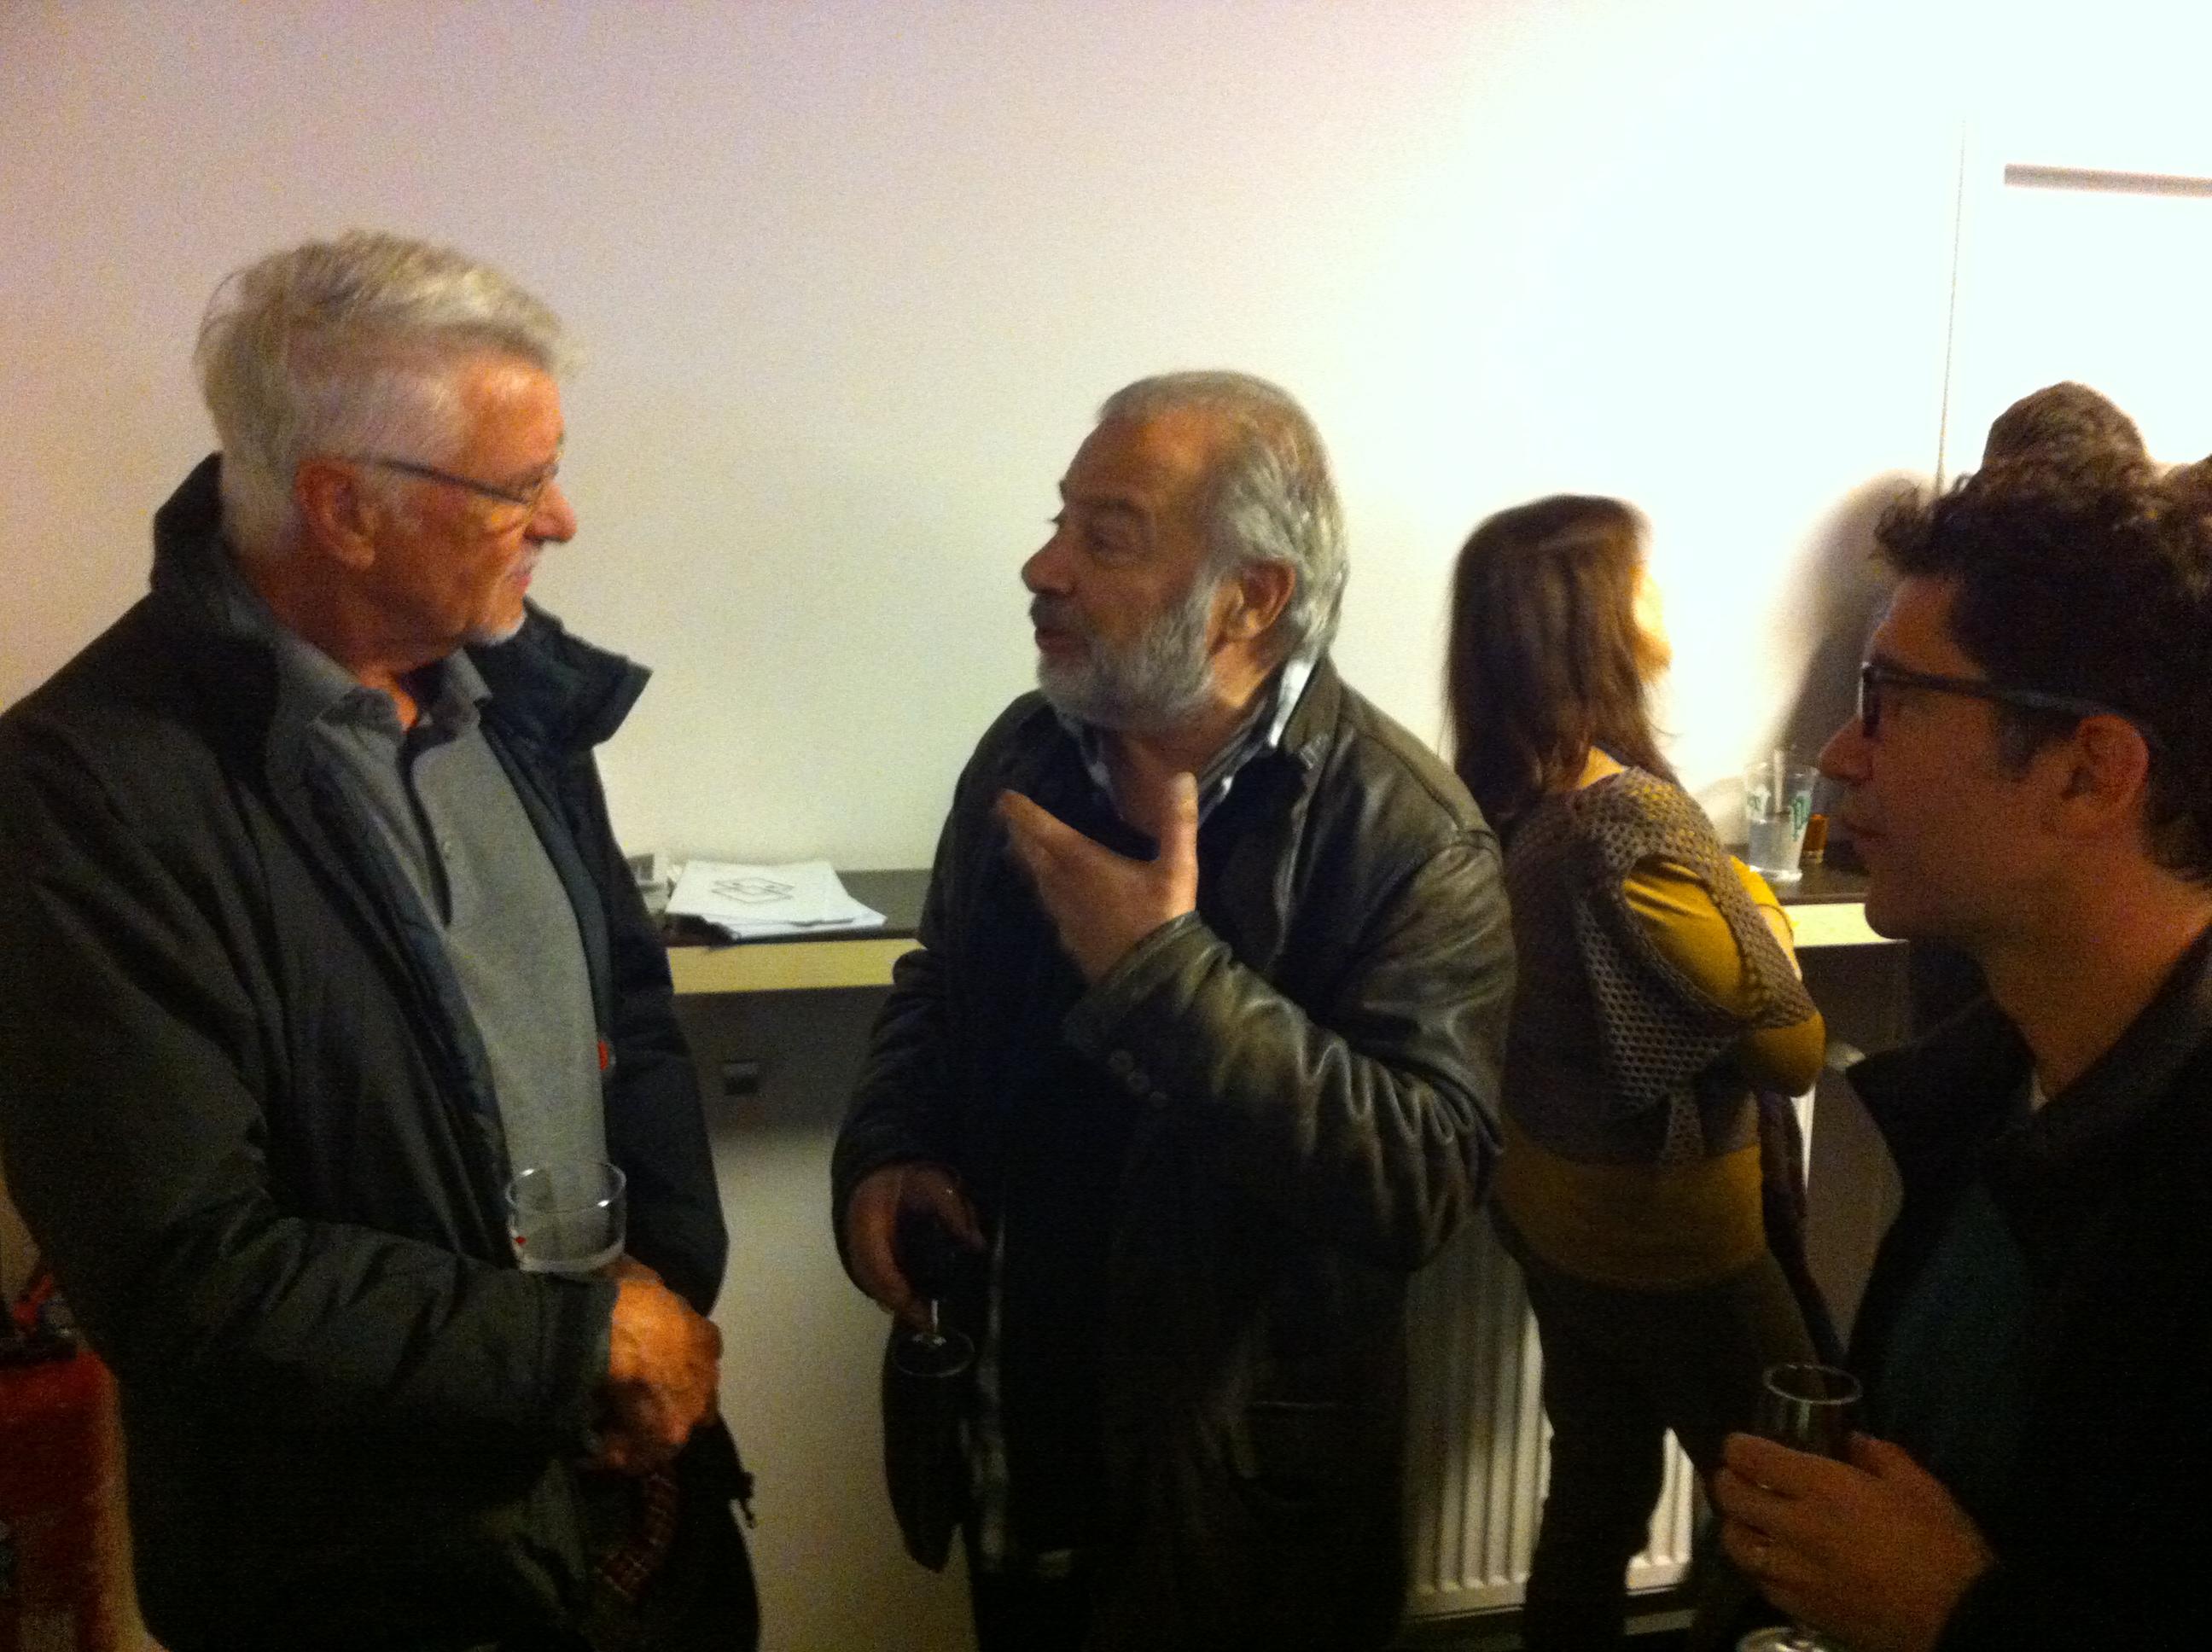 Aimé Jacquet avec l'un des acteurs après avoir parlé technique, esprit d'équipe et alchimie avec Cyril Teste